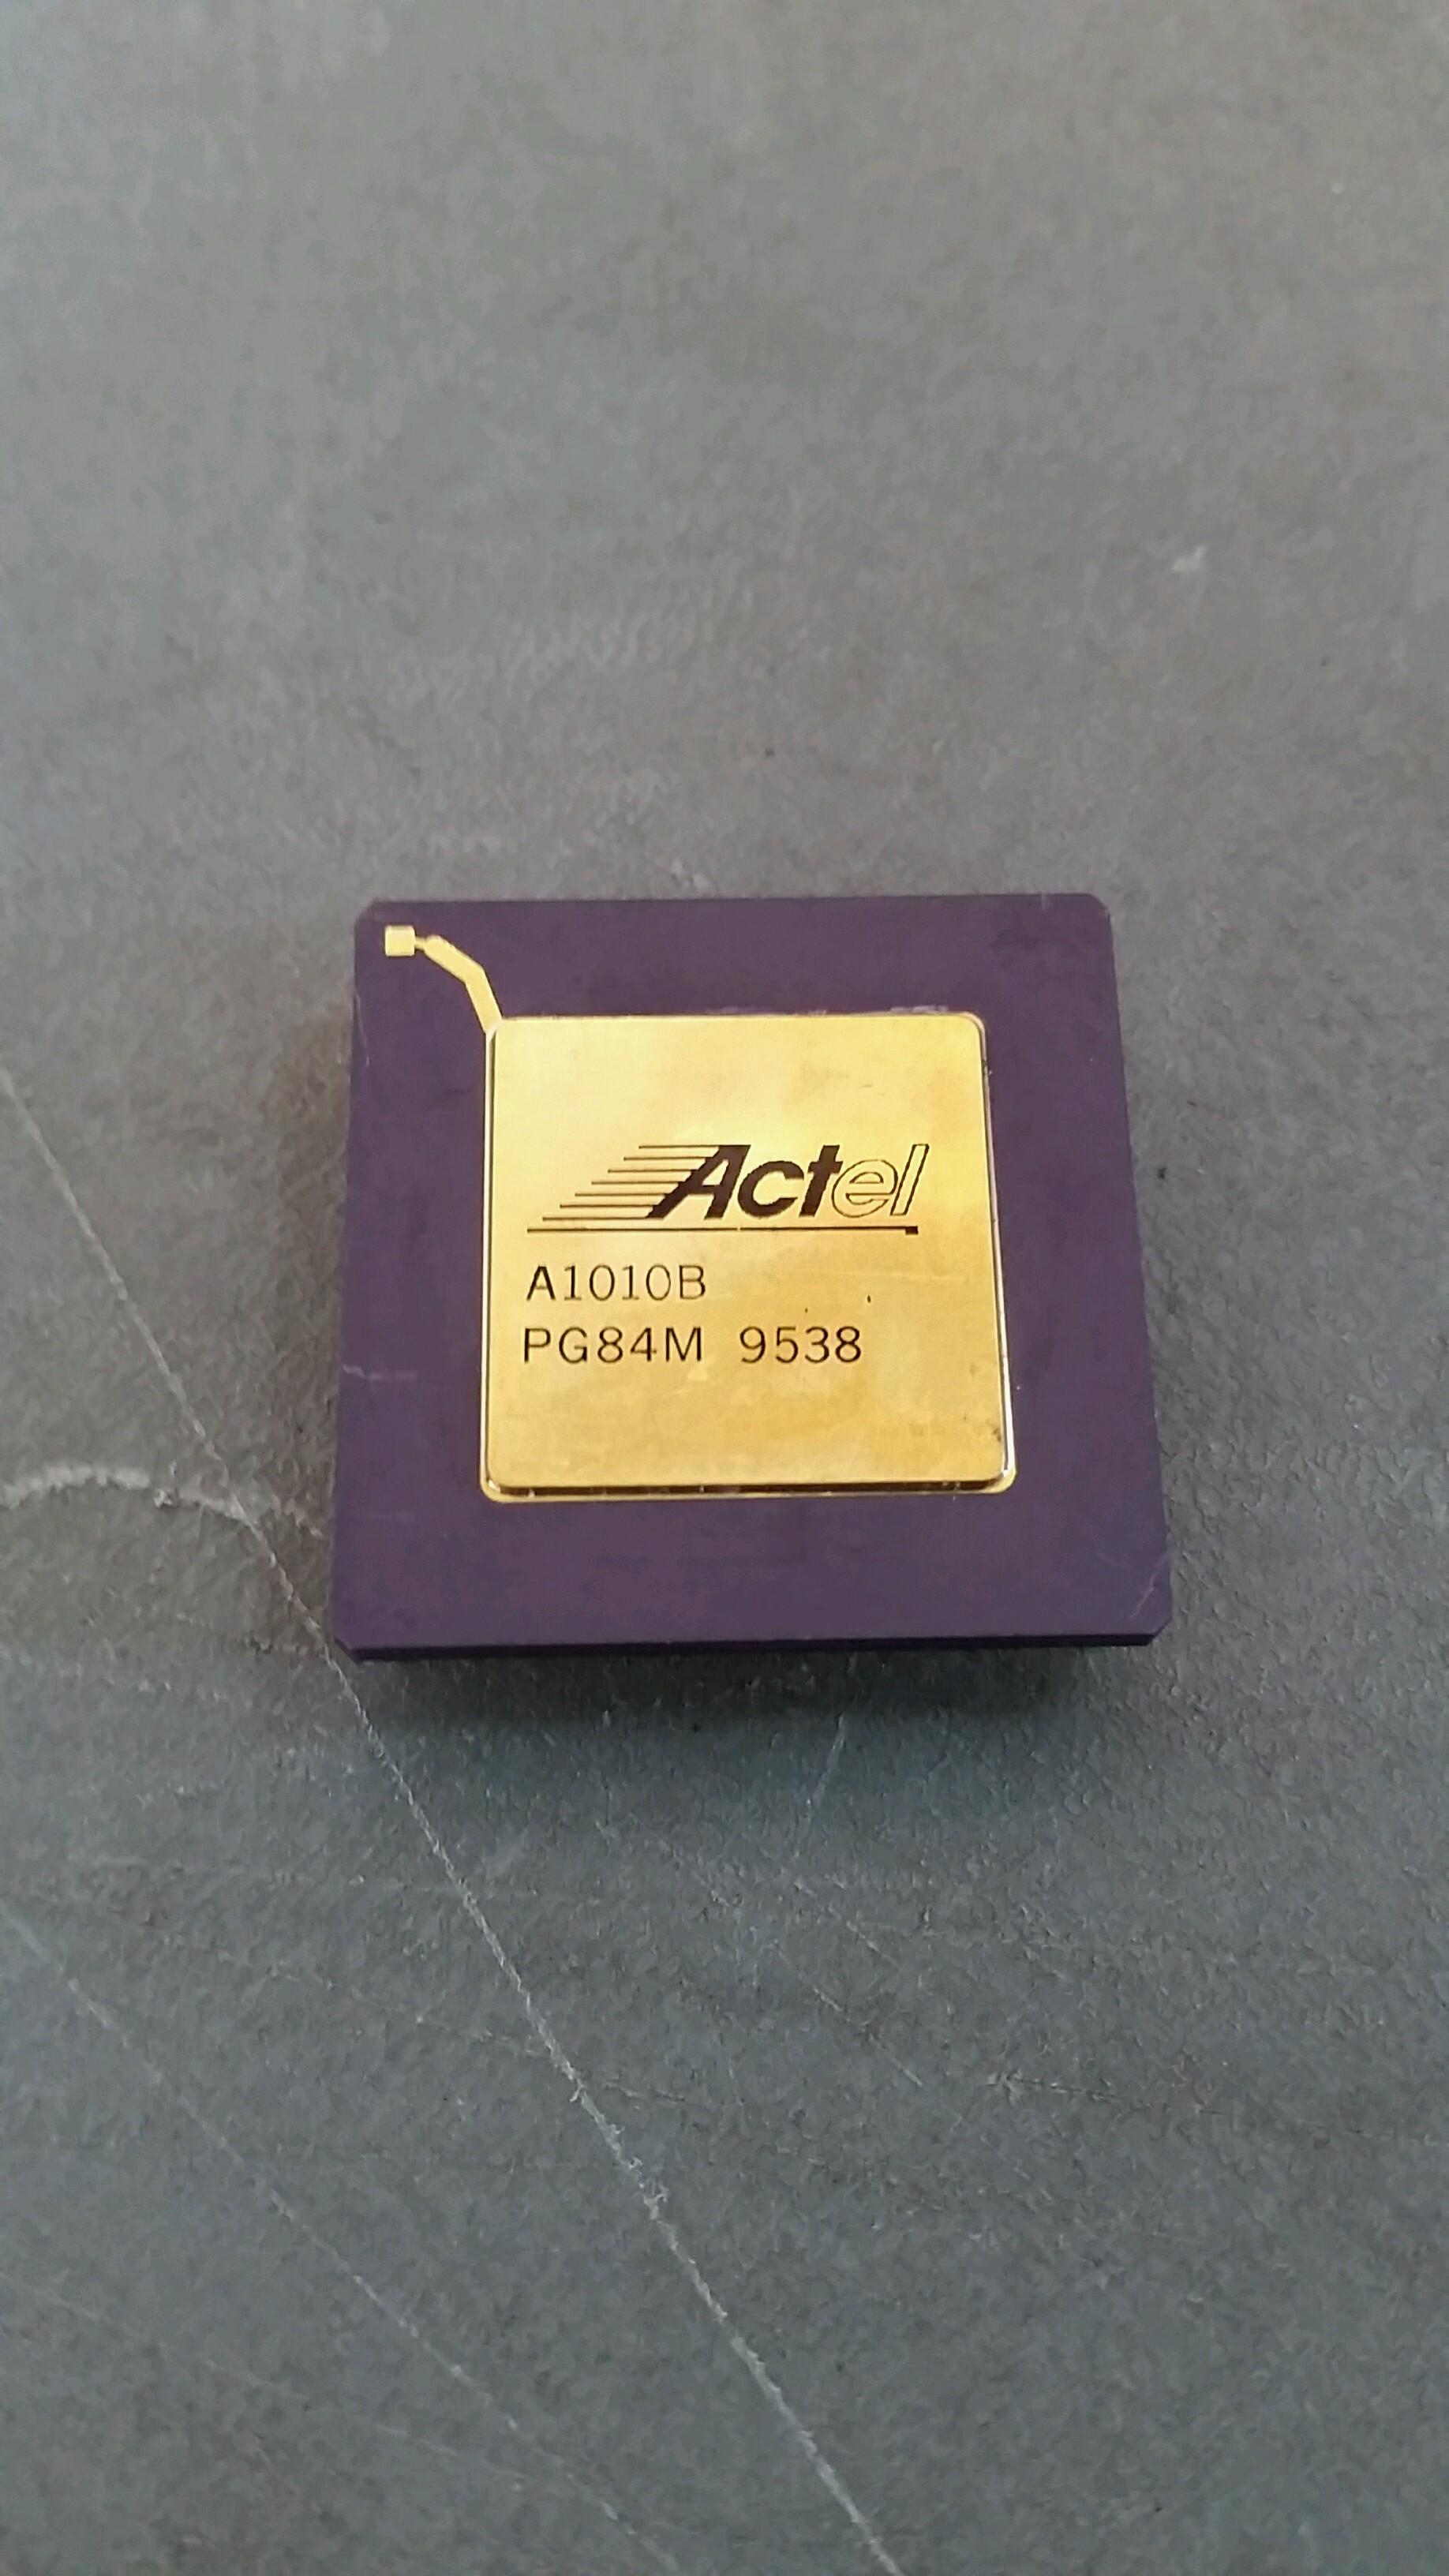 A1010BPG84M